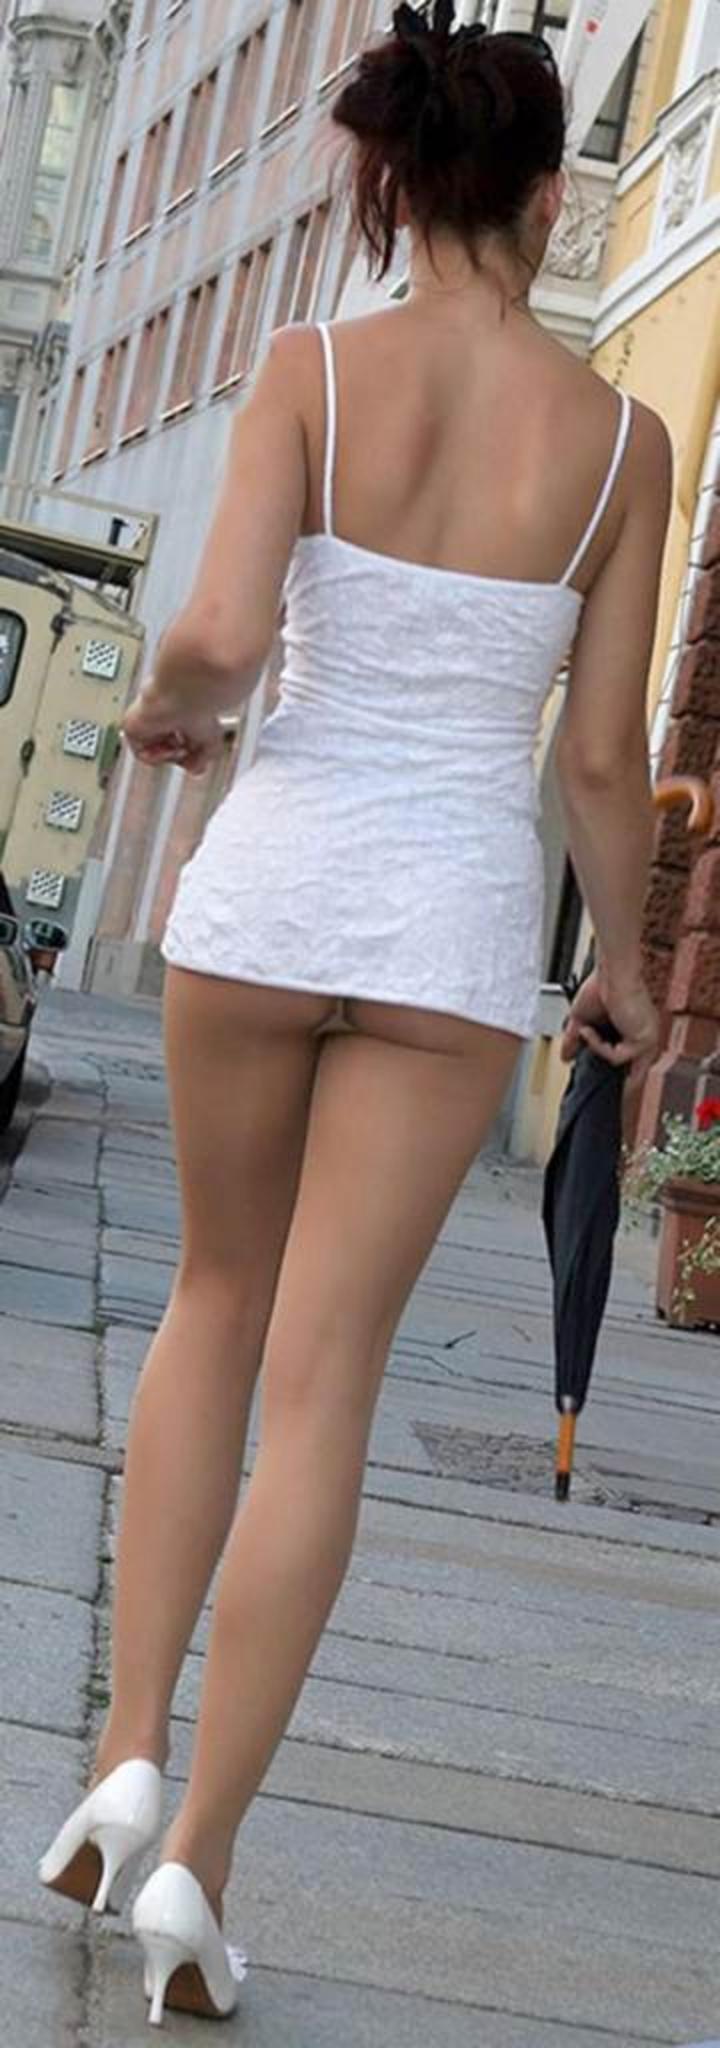 【ミニスカエロ画像】下着見えずとも一定の満足感は保証されwミニから尻チラしてる女(:.;゚;Д;゚;.:)